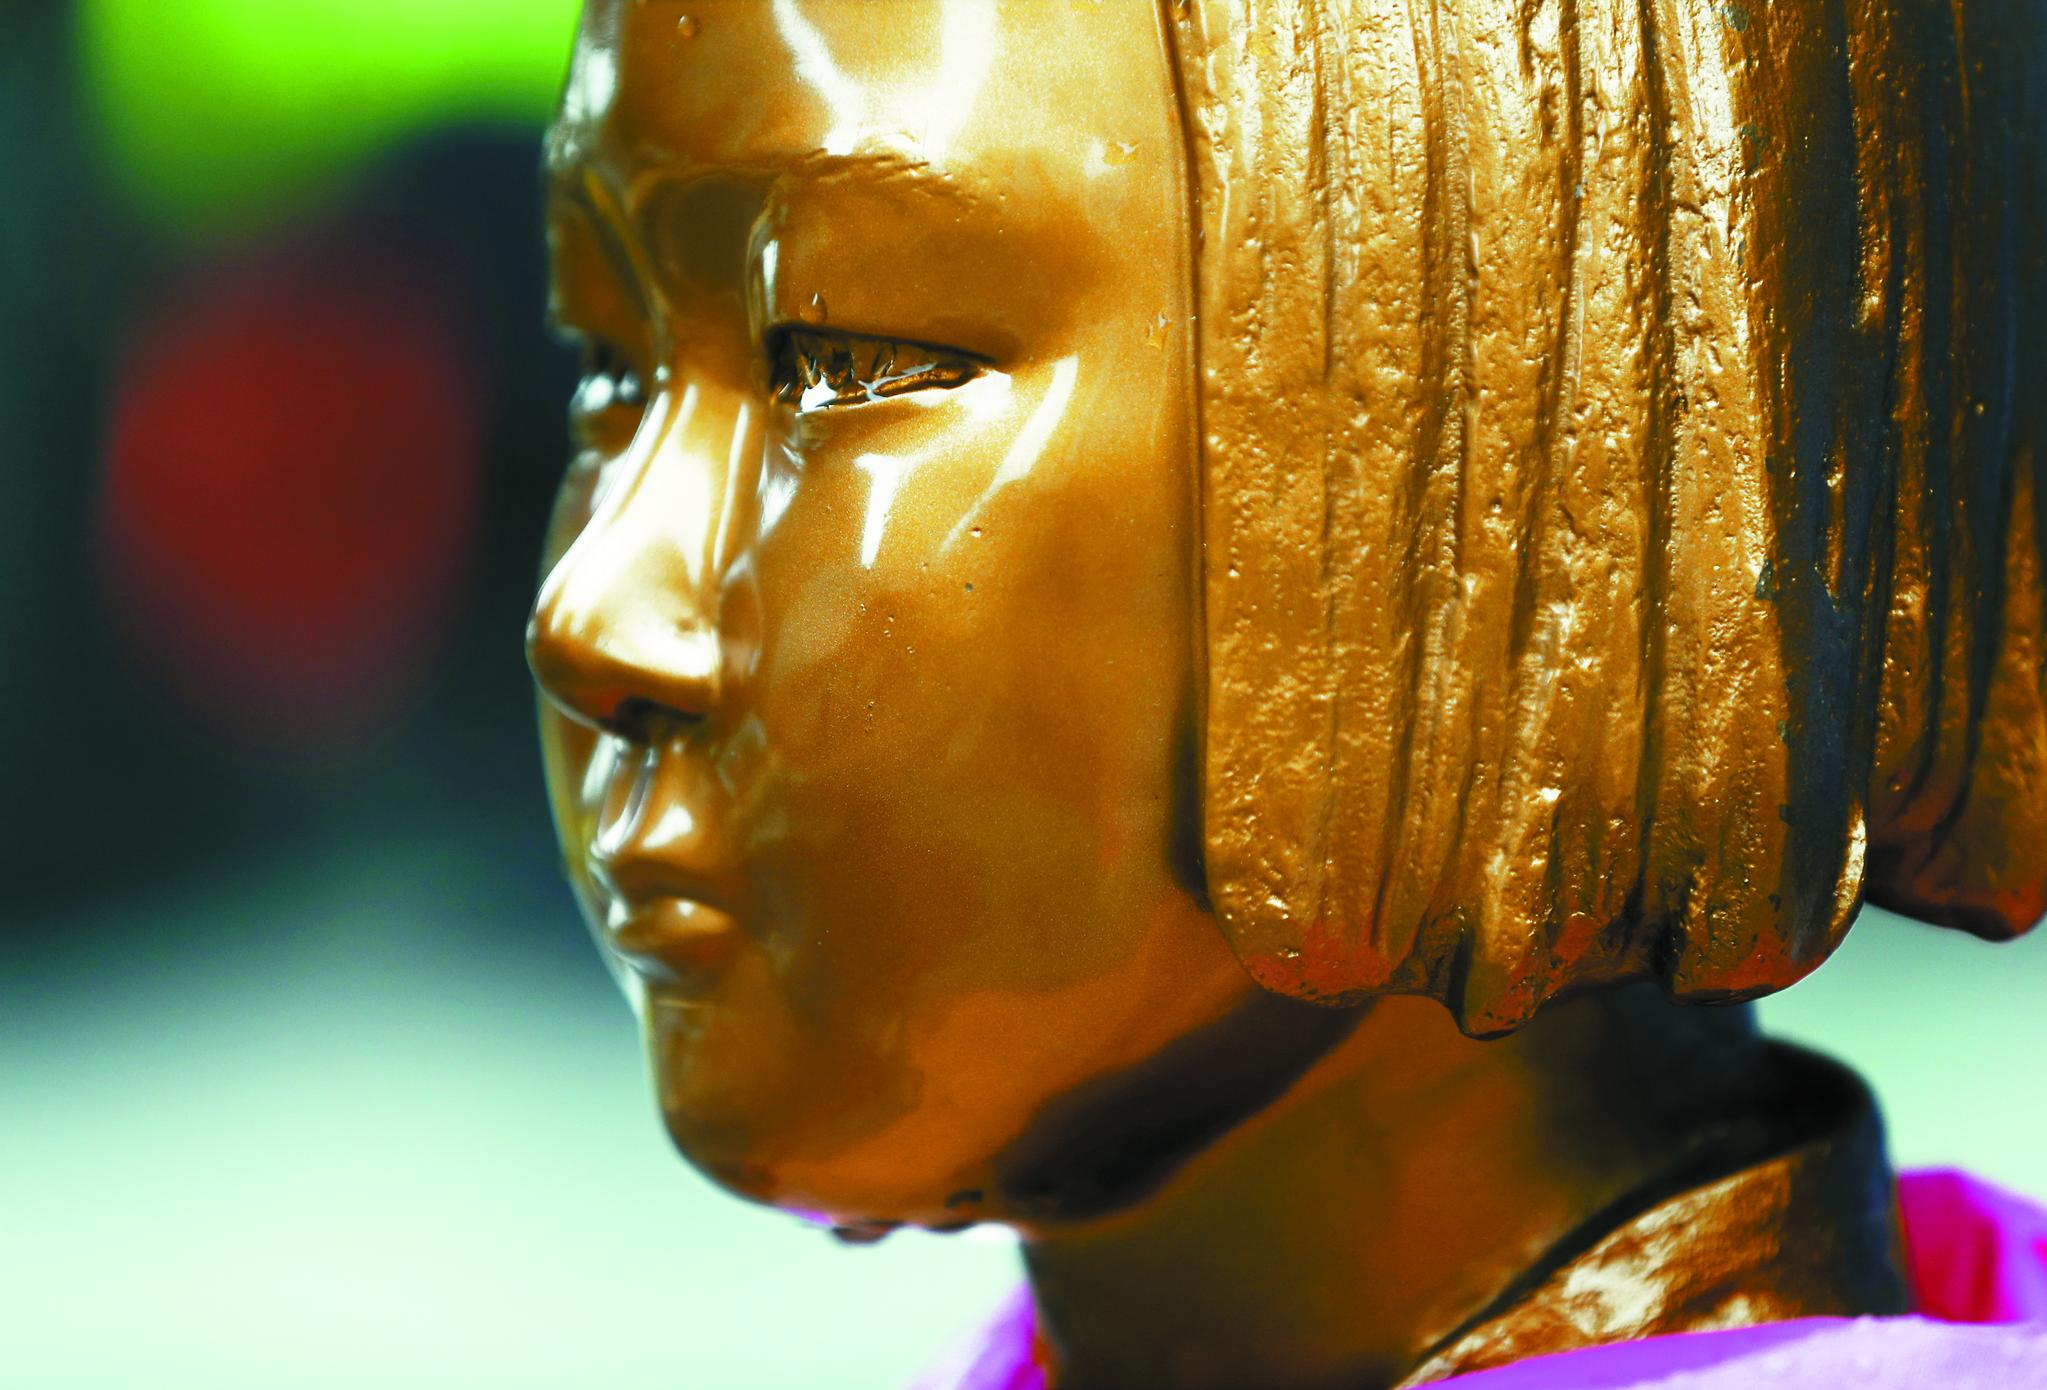 조선인 위안부 30명, 4000명이 강간 일본군의 진술 공개